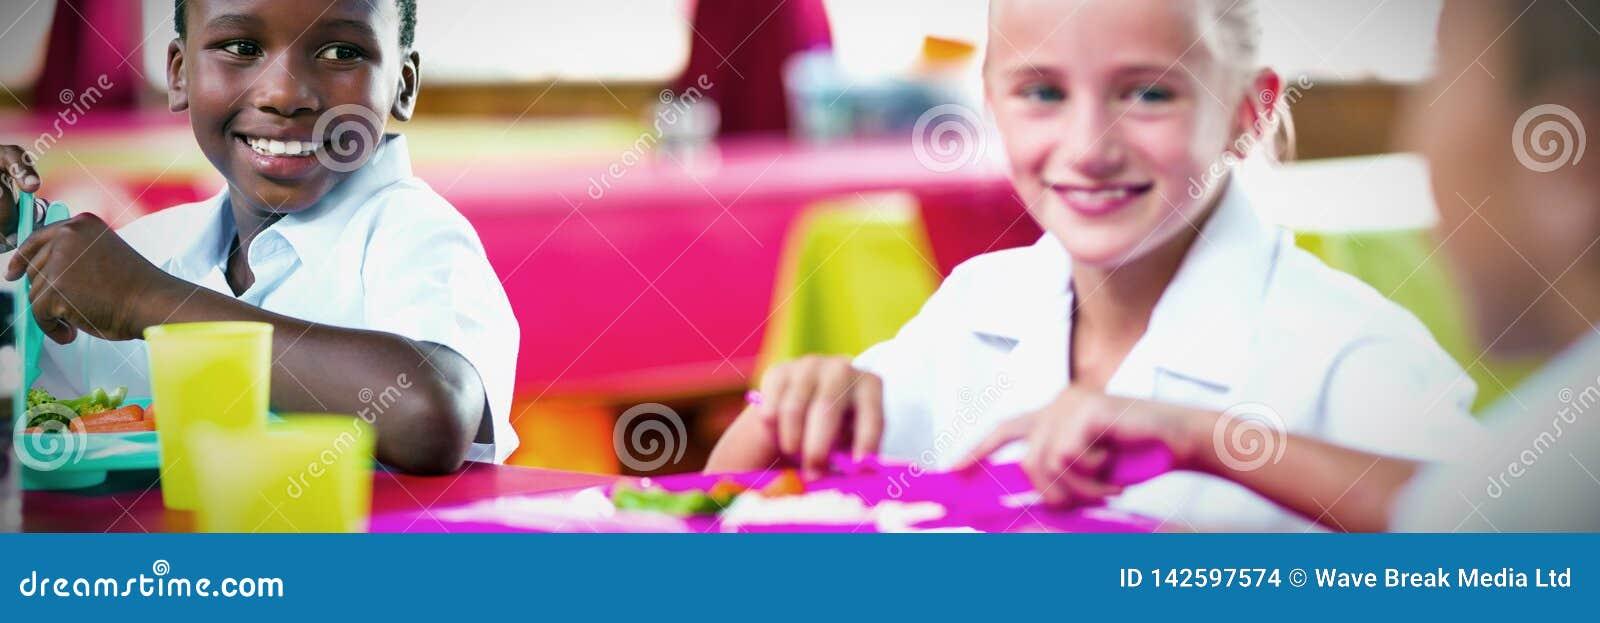 Дети имея обед во время периода отдыха в школьном кафетерии